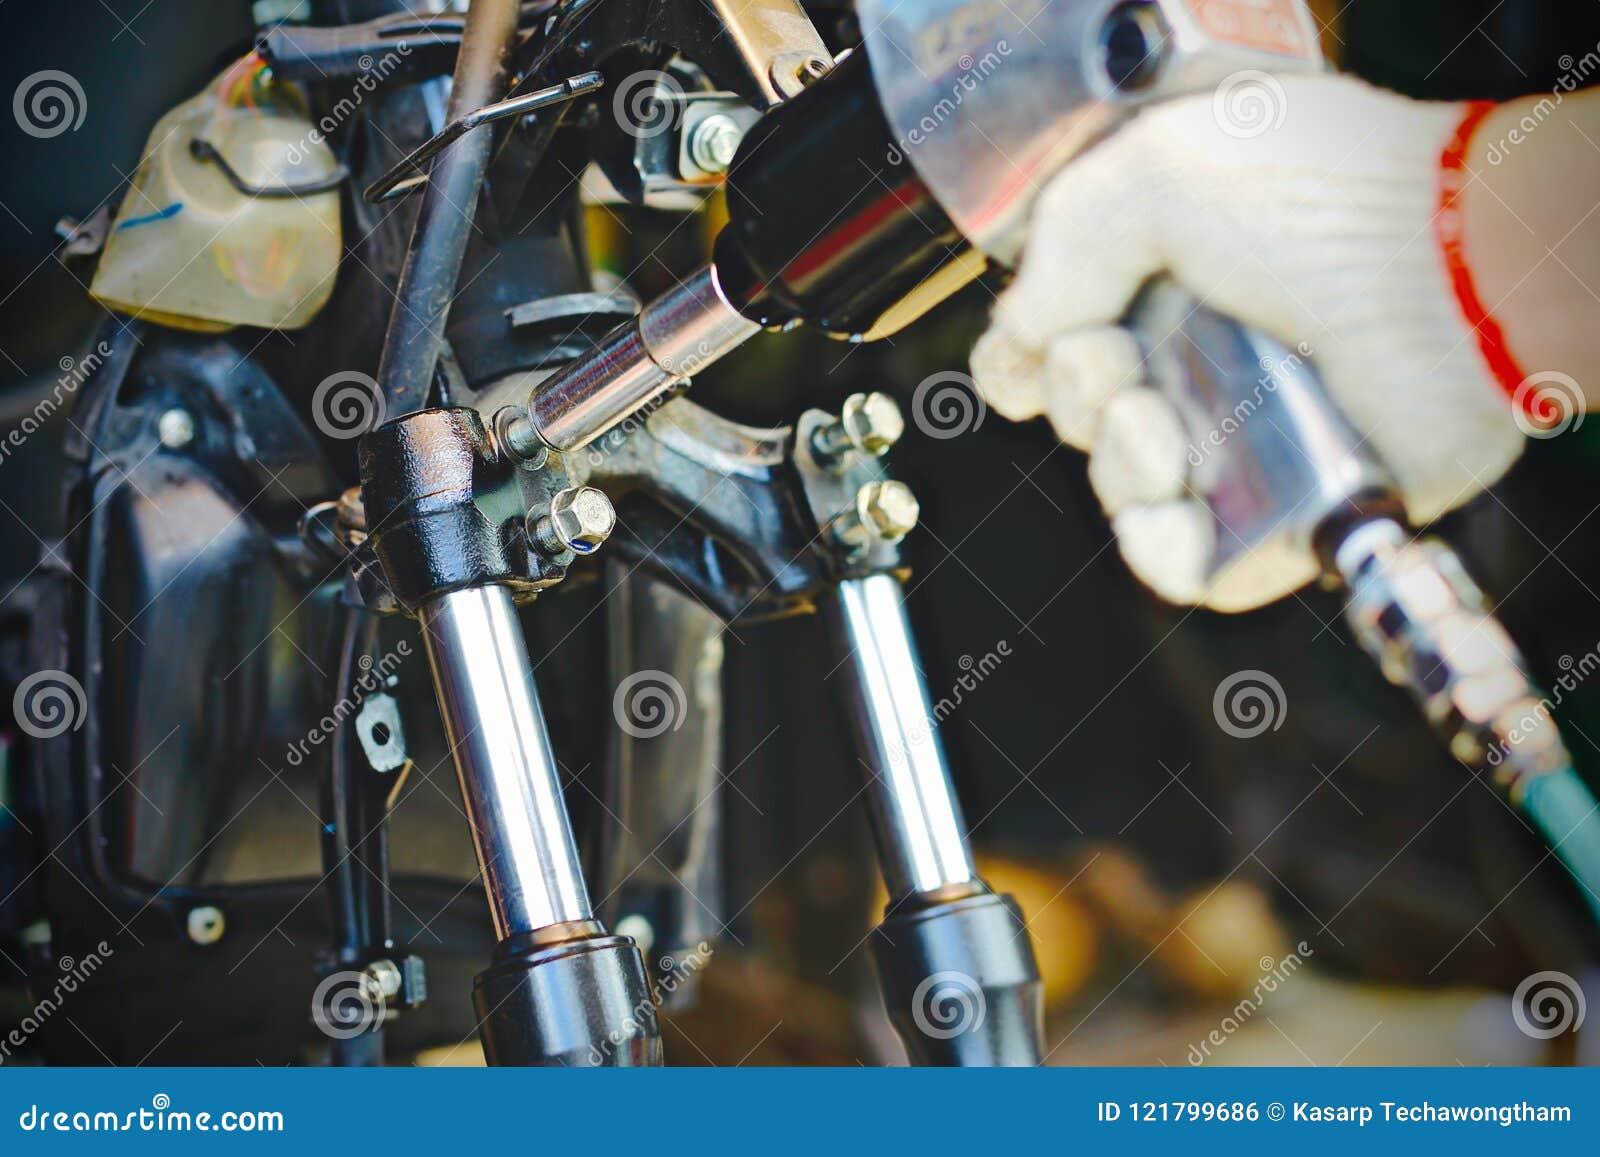 La mano del hombre del mecánico substituye y ajusta el sistema del freno trasero de la motocicleta